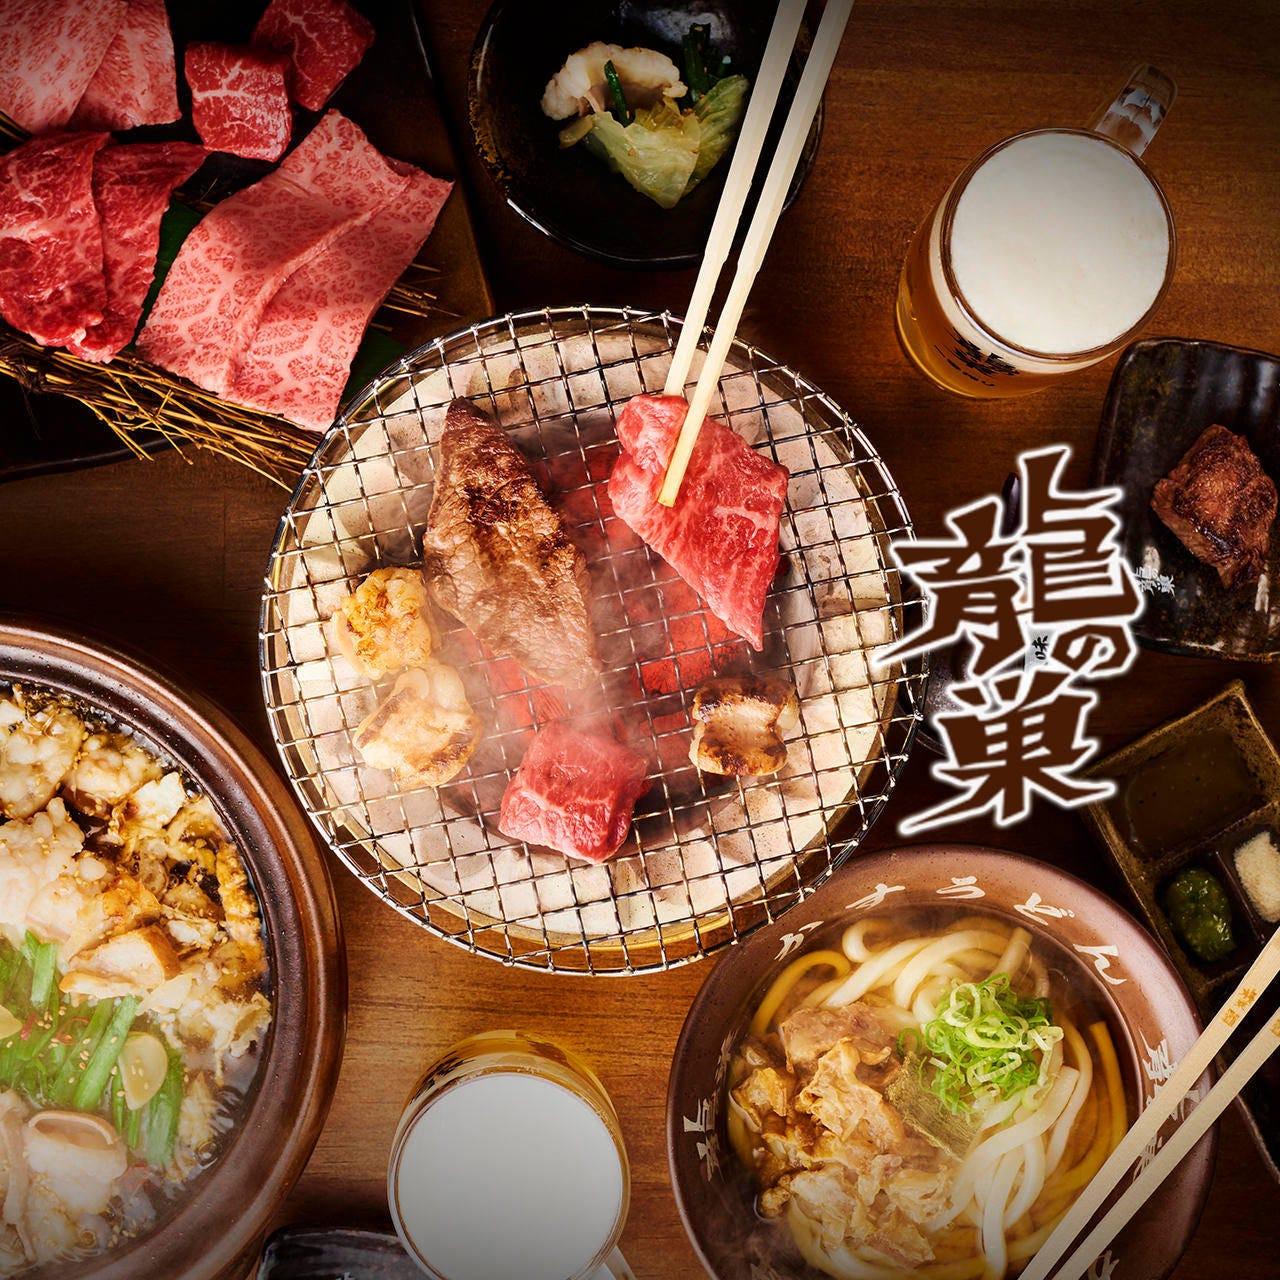 龍の巣 京橋店のイメージ写真